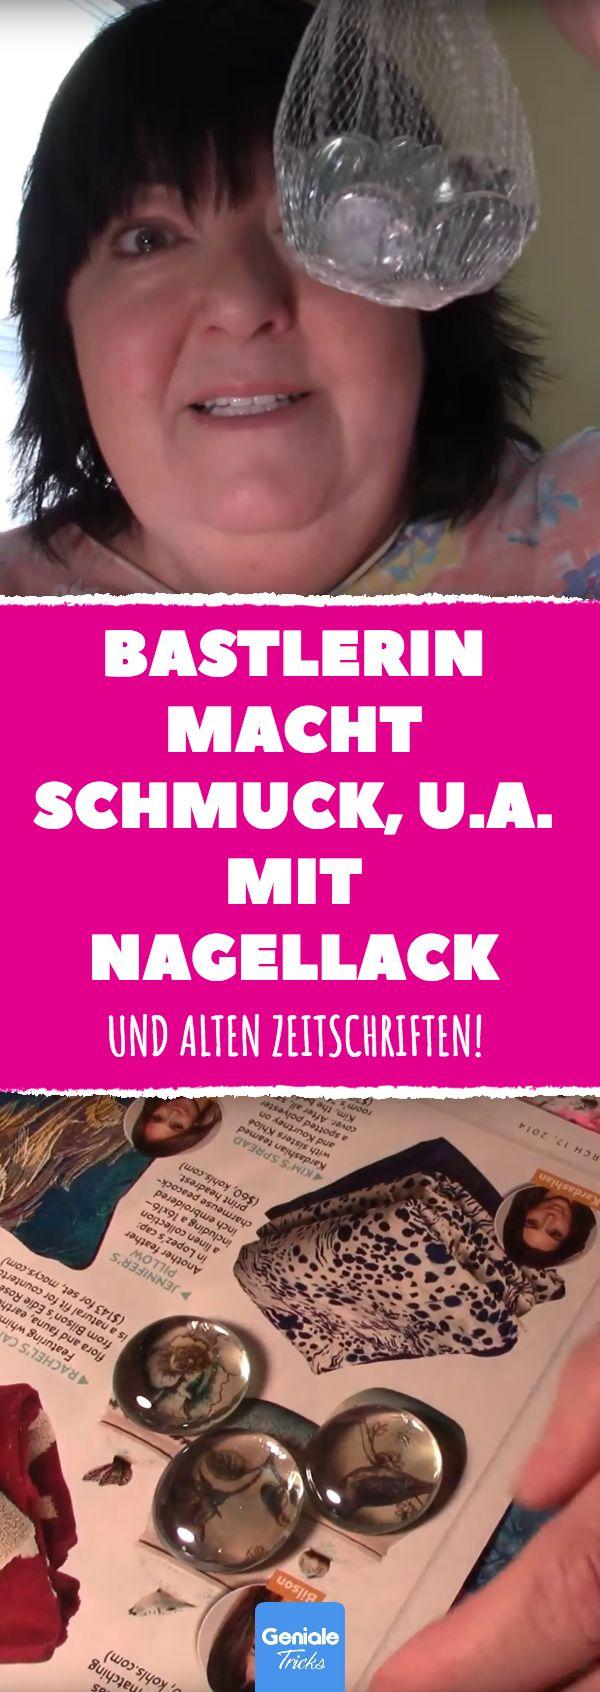 Hobbyist macht Schmuck, u.a. mit Nagellack und alten Zeitschriften! #diy #schmu … – Geniale Tricks & Lifehacks